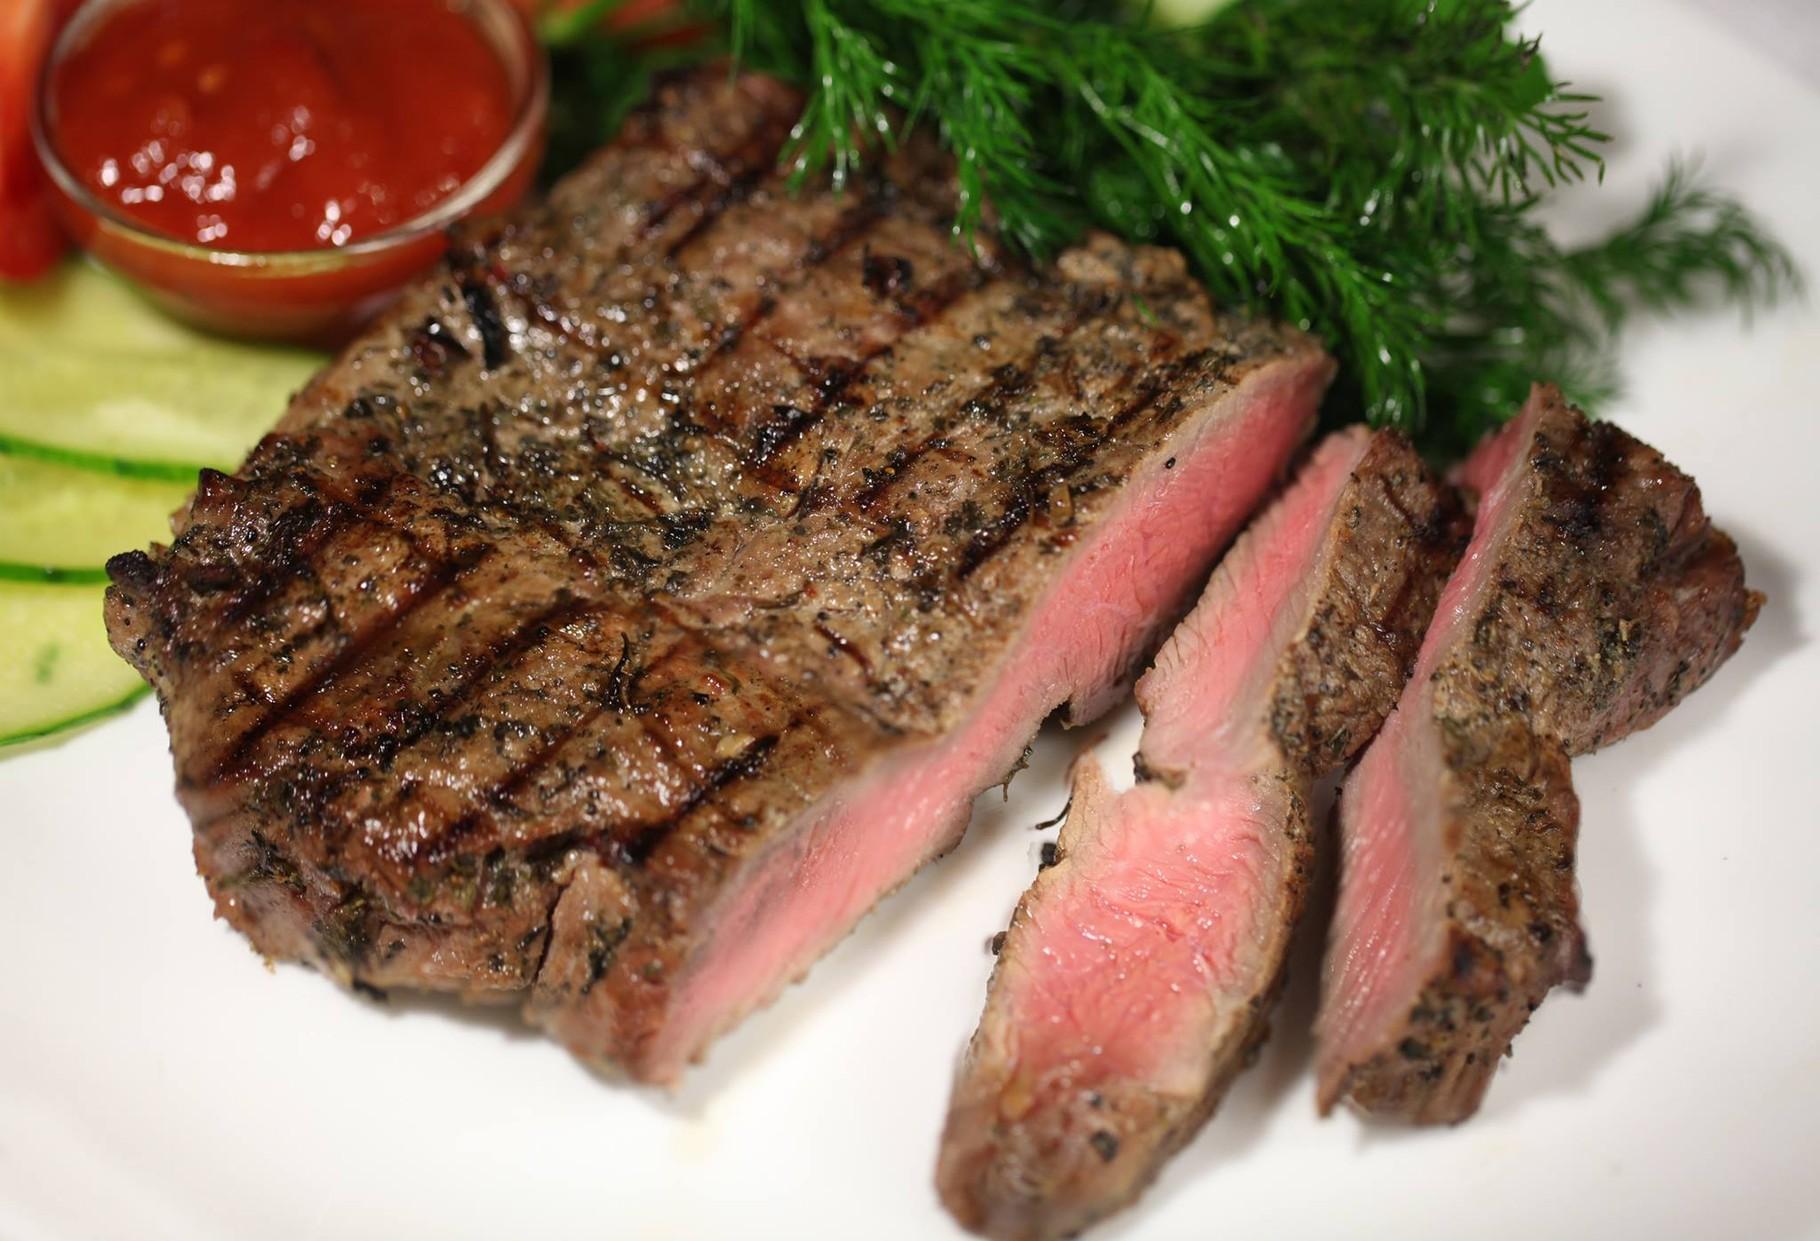 """Філе-міньйон або стейк з яловичої вирізки — це найніжніше і пісне м'ясо. Вирізка відома своїм вишуканим смаком з менш вираженою, ніж в інших стейках, яловичою складовою.    100гр.  54.00грн.  Фірмова страва ресторану """"Стейк Хаус"""" м. Хмельницький"""